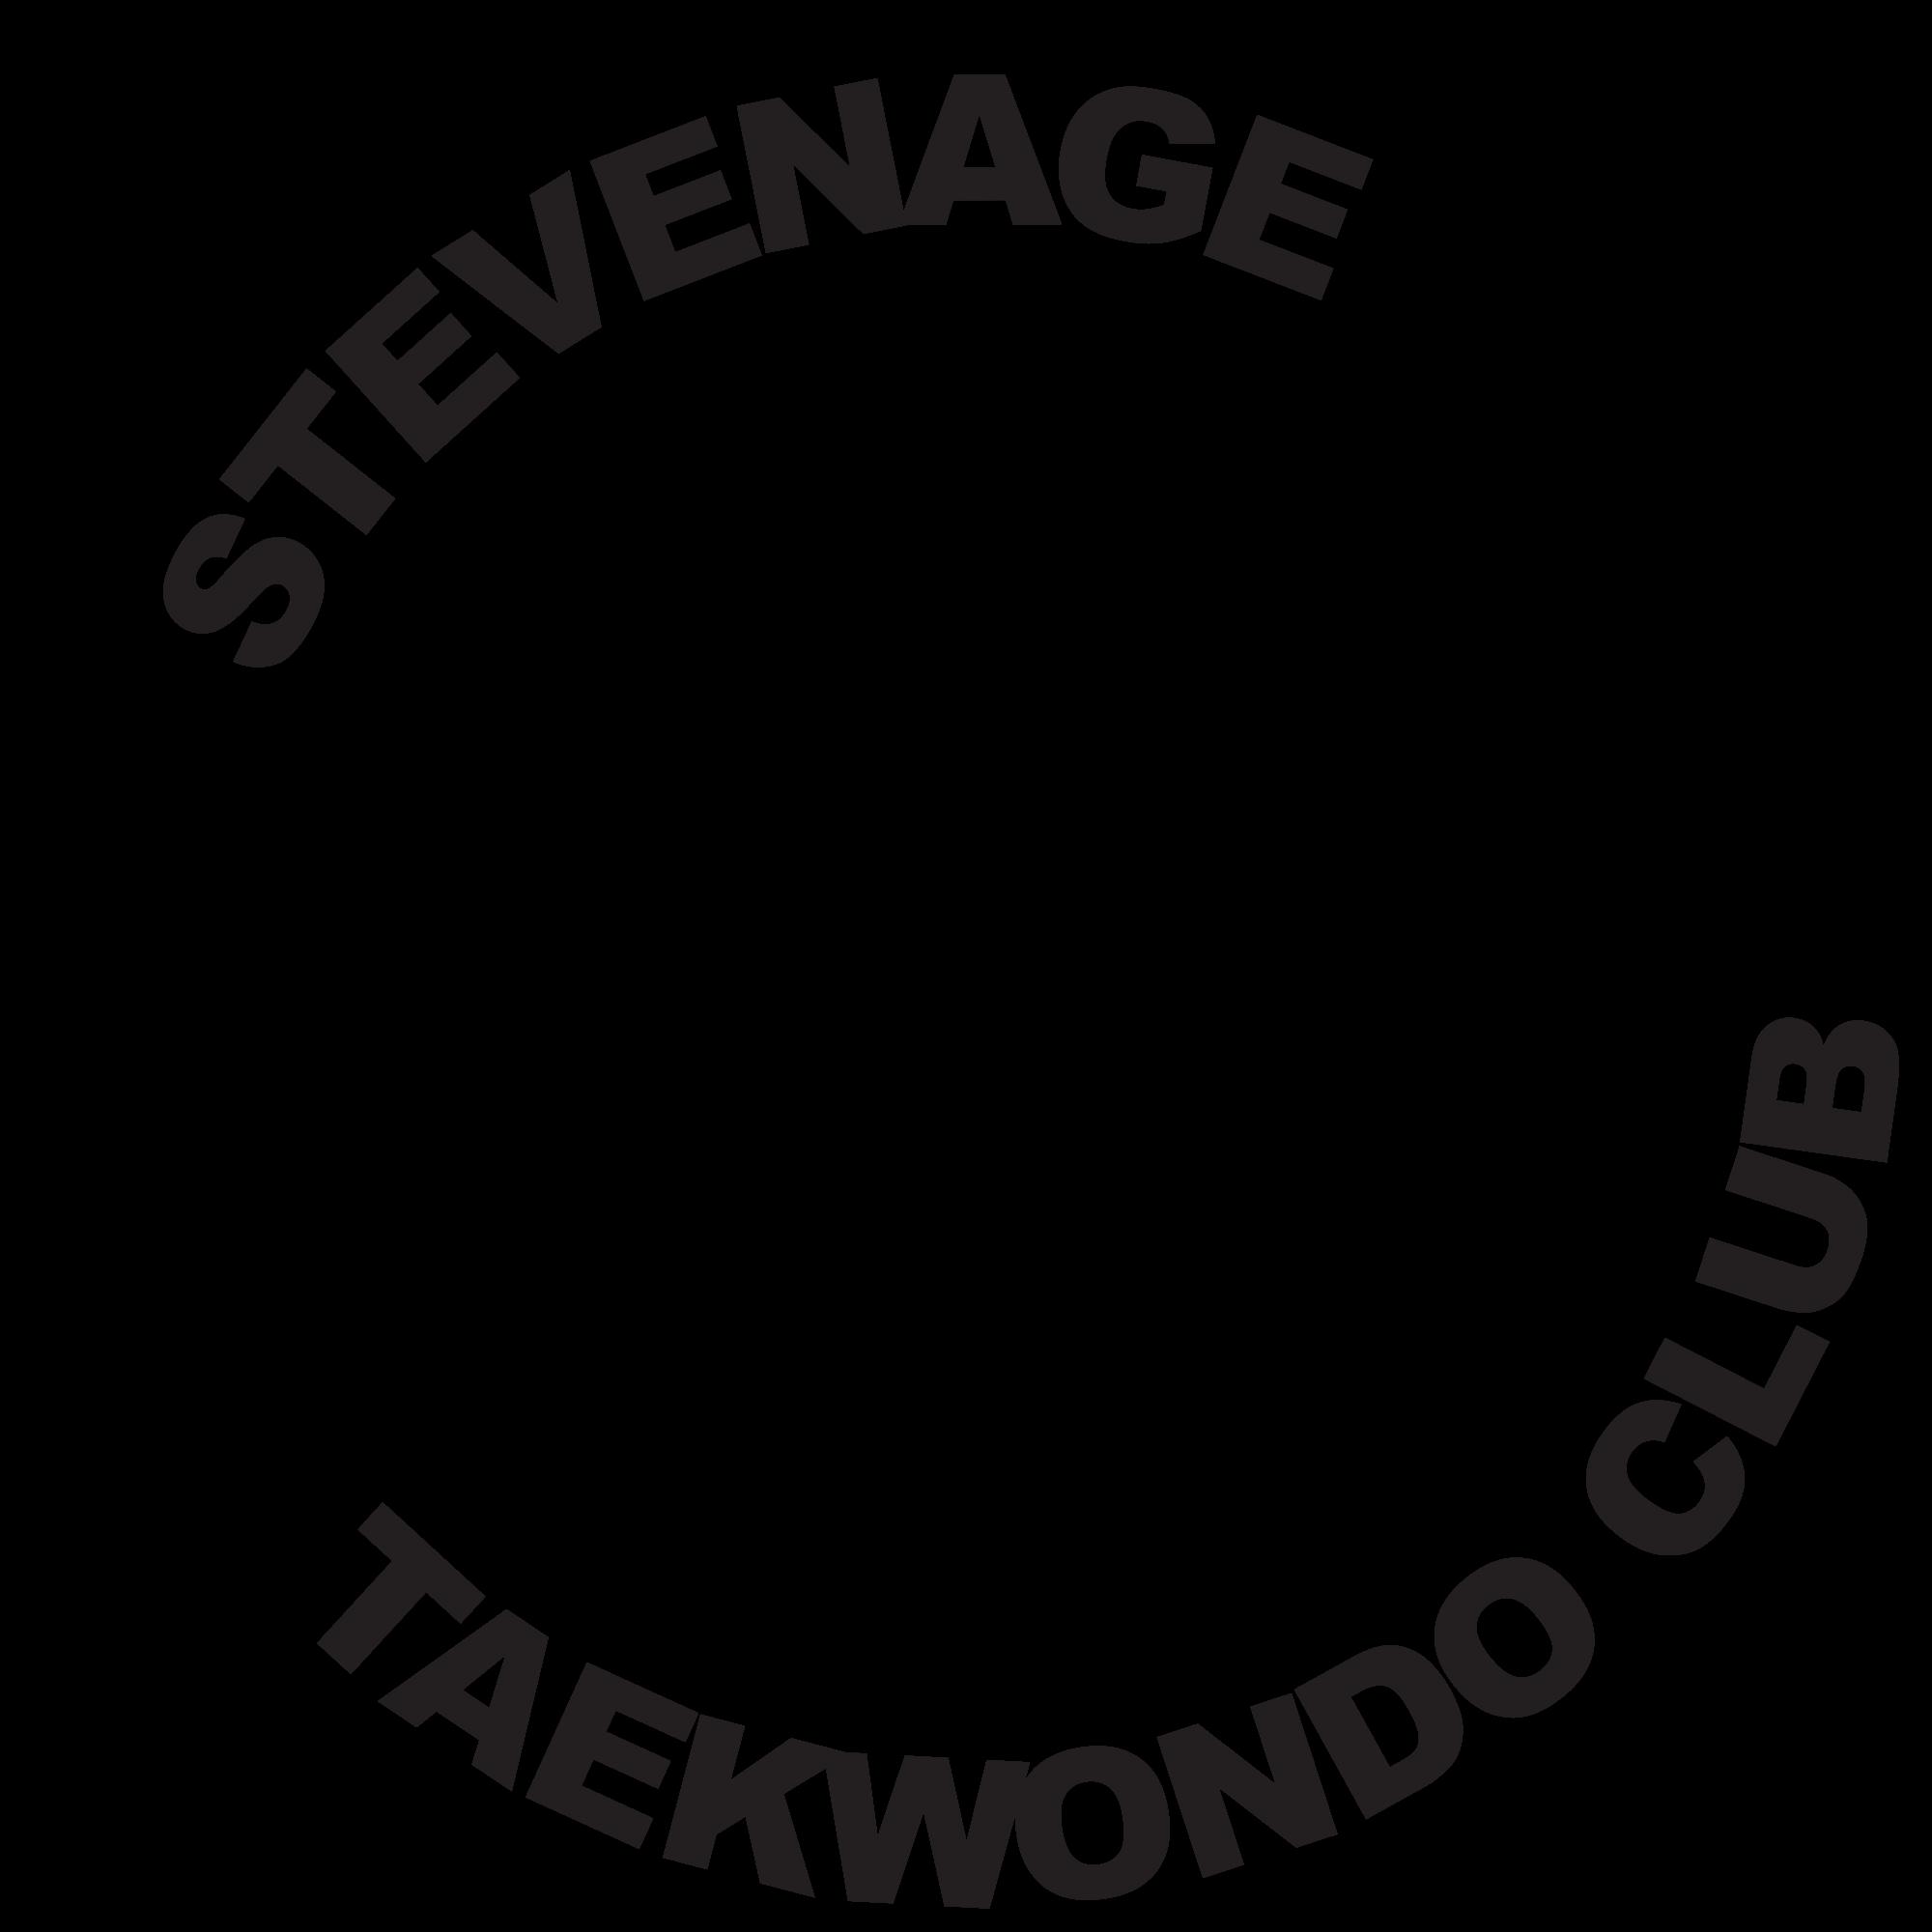 Stevenage Taekwondo On Twitter A Trip To Taekwondowon While